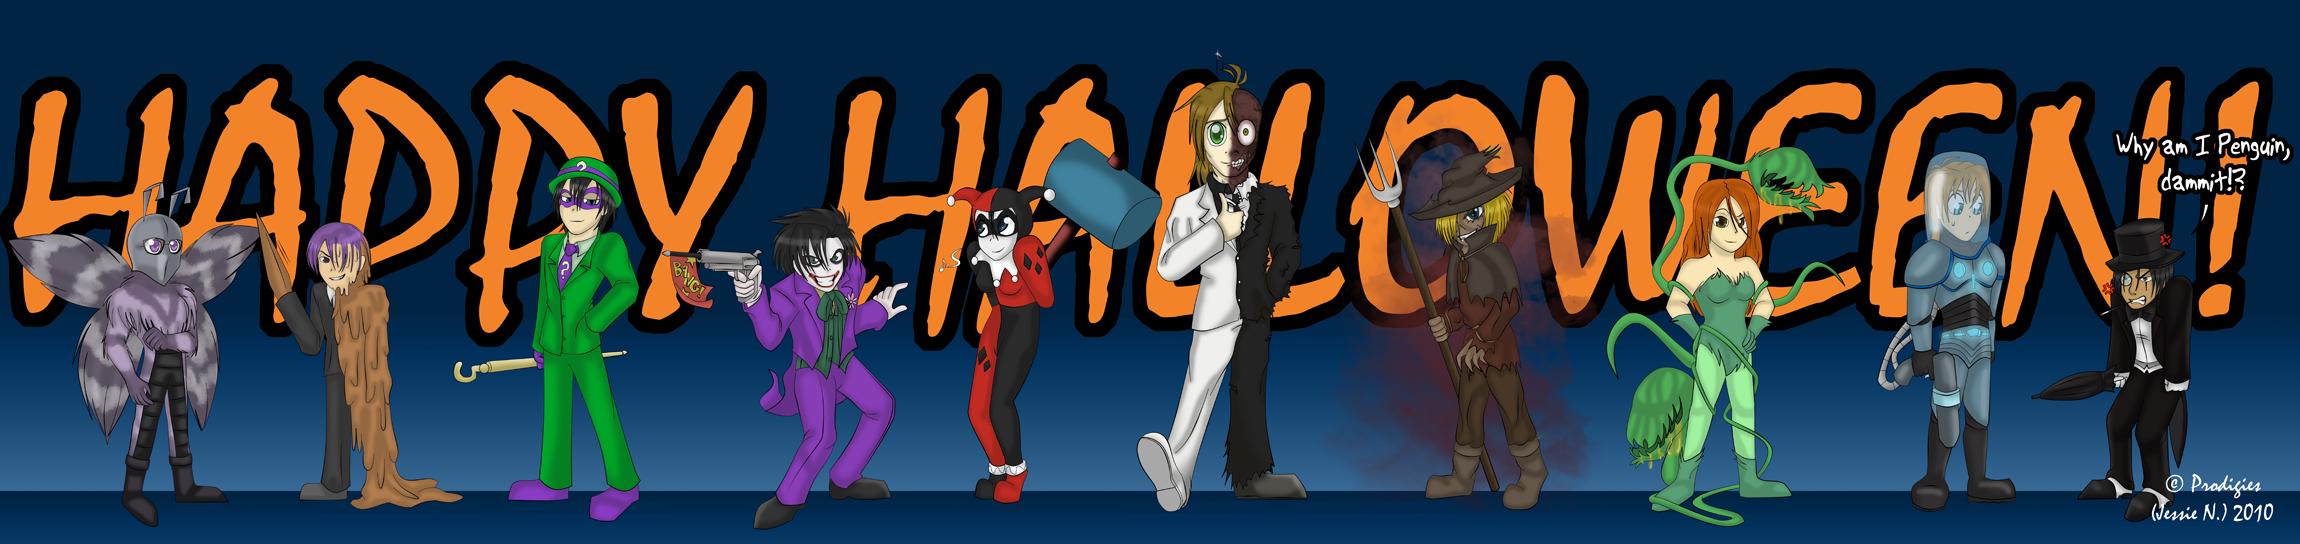 Happy Halloween! 2010 by Prodigies